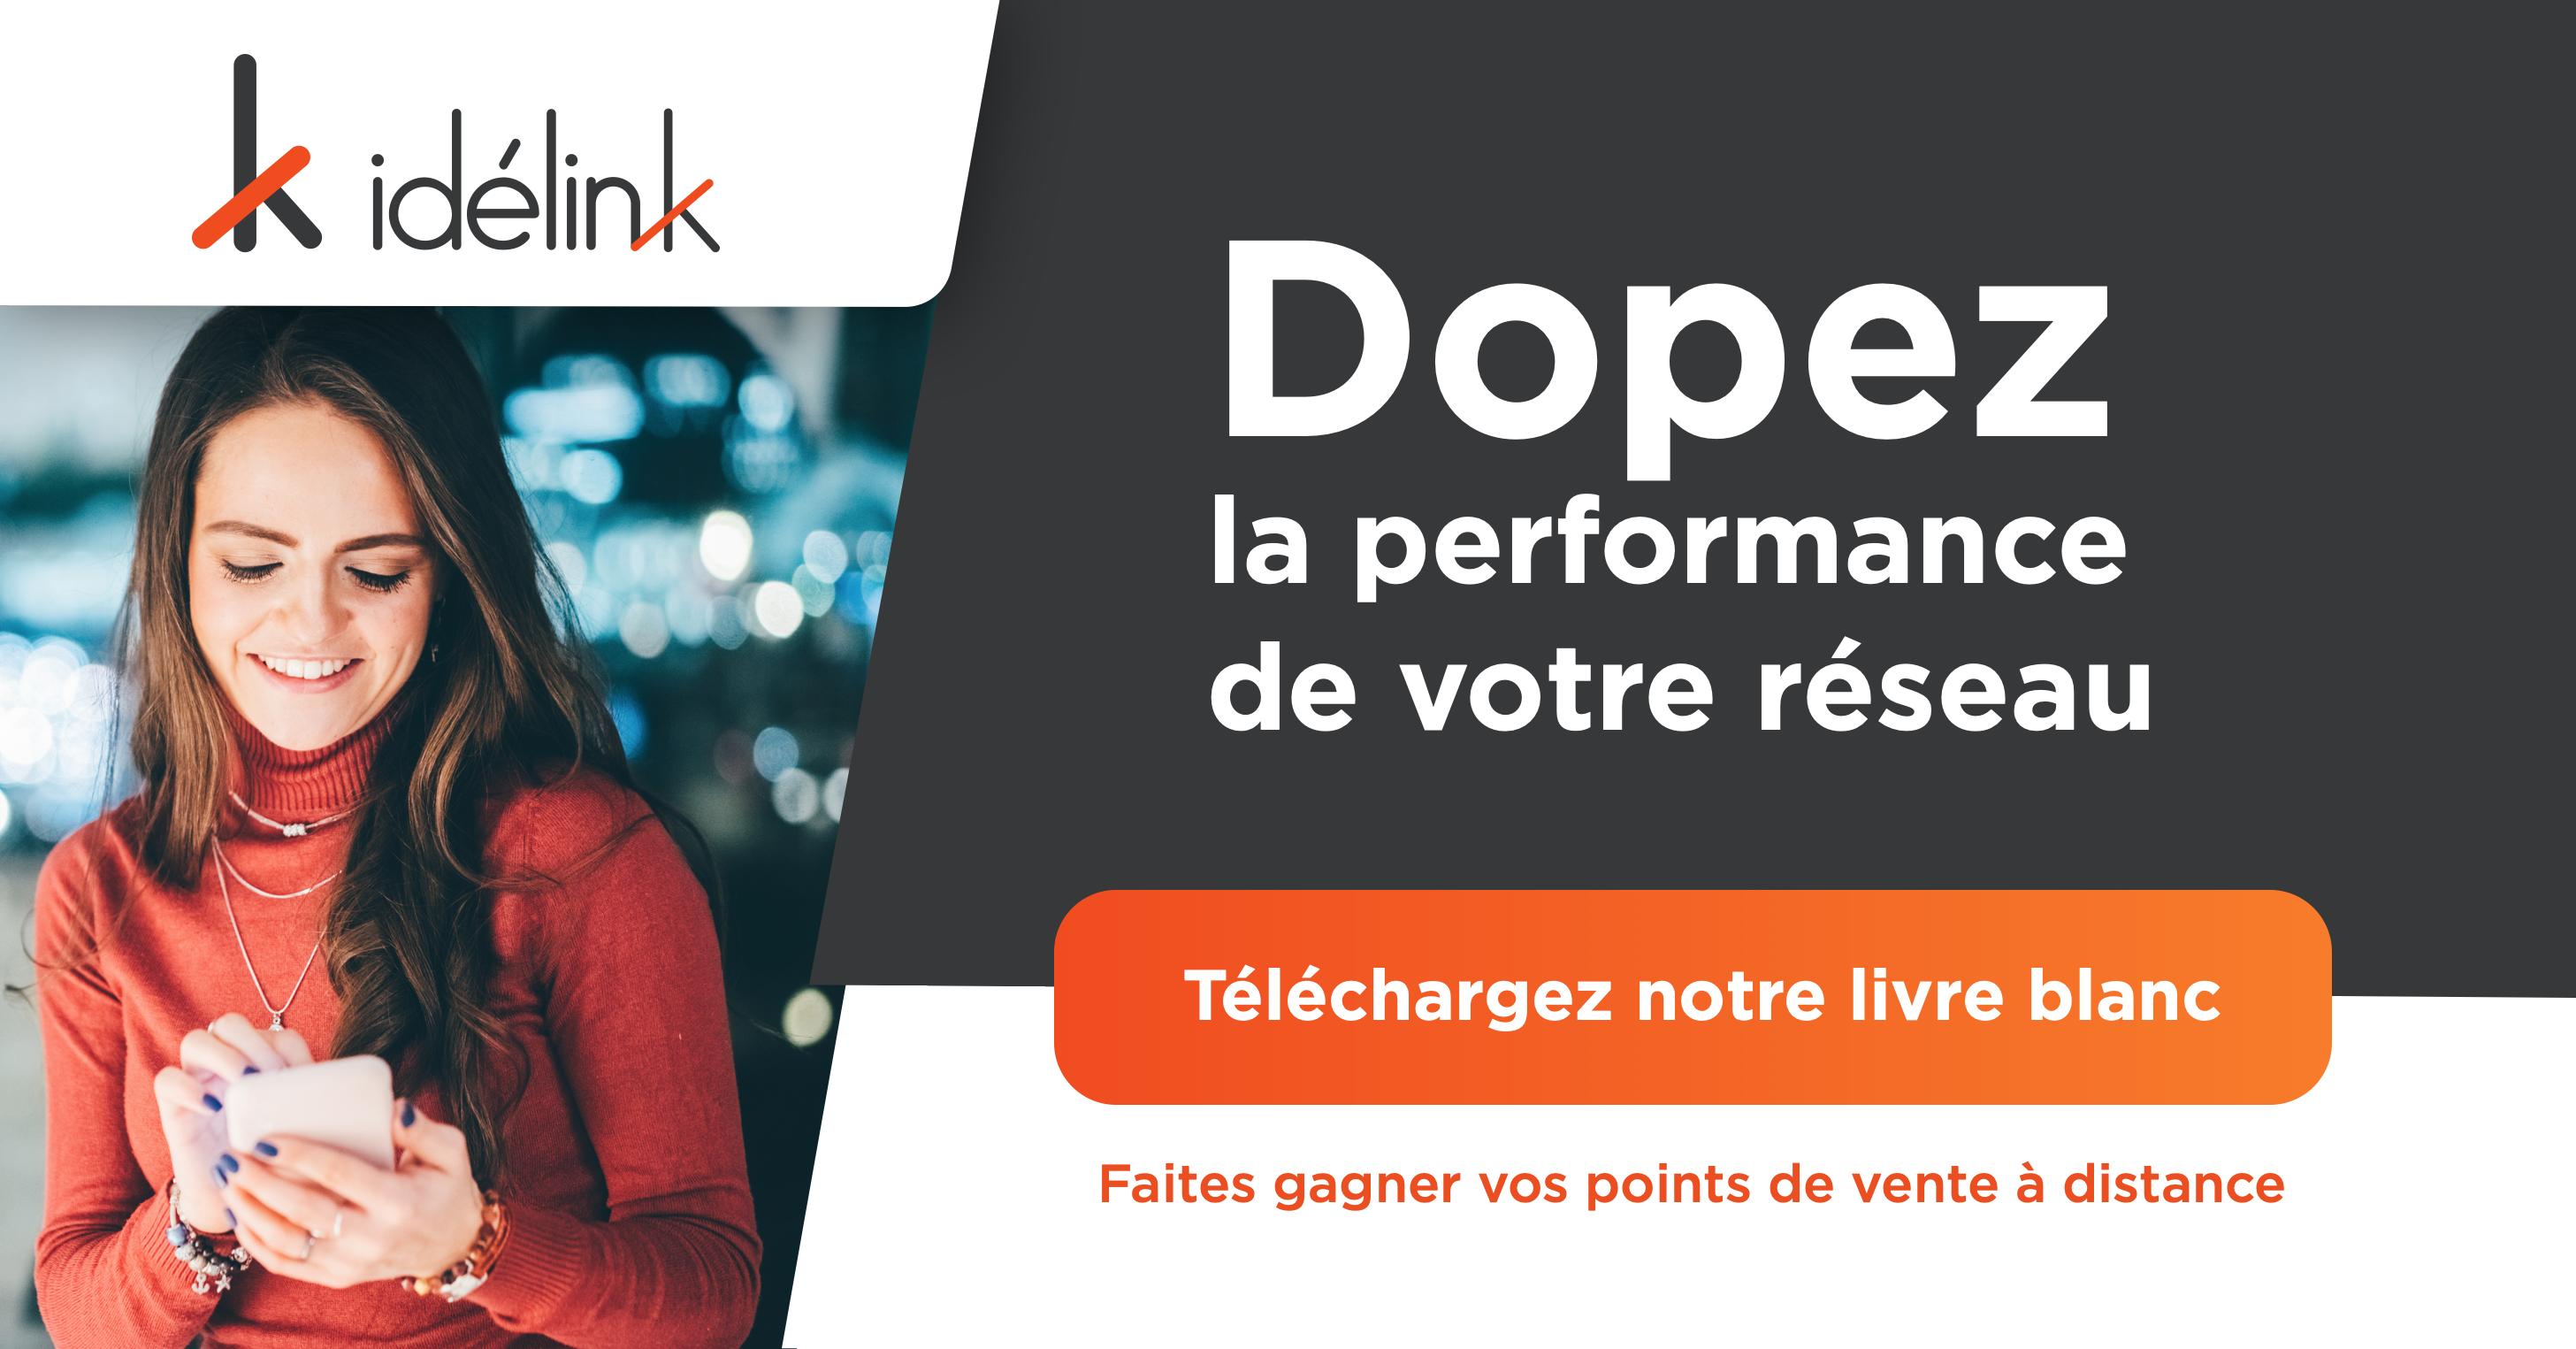 Livre blanc - Faites gagner vos points de vente à distance - Idelink